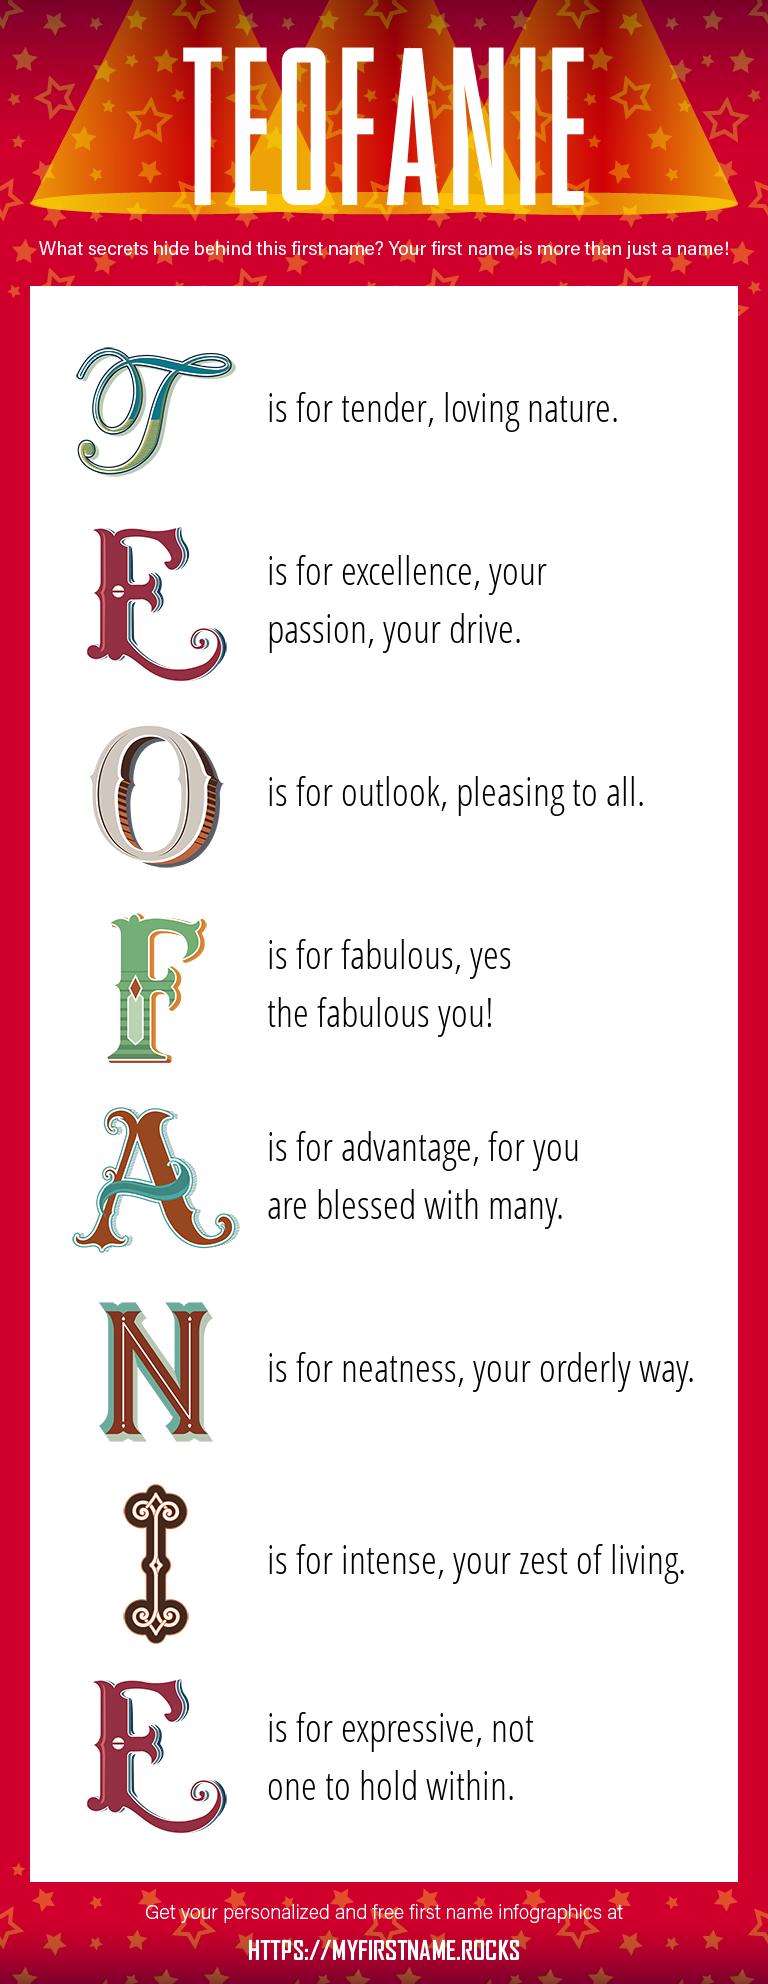 Teofanie Infographics